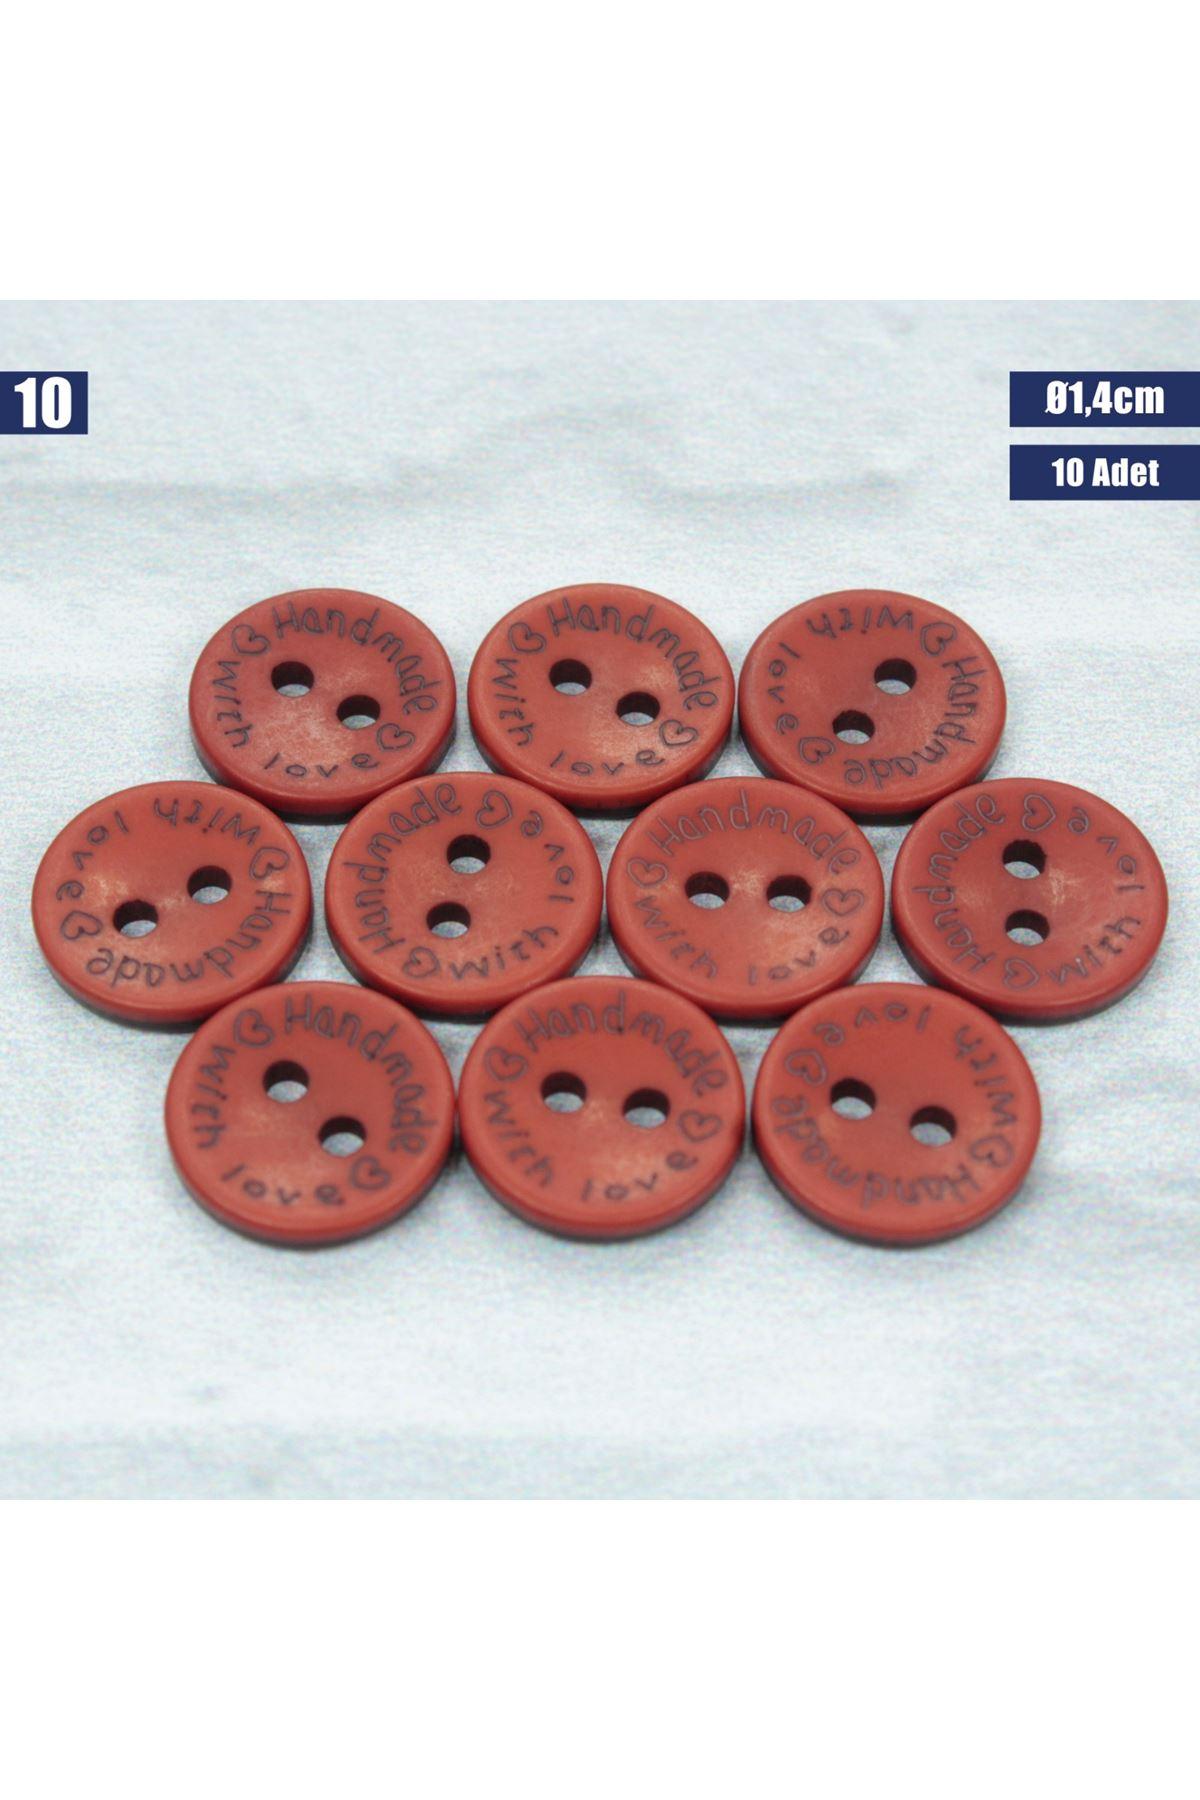 Amigurumi Düğmesi Ø 1,4cm - 10